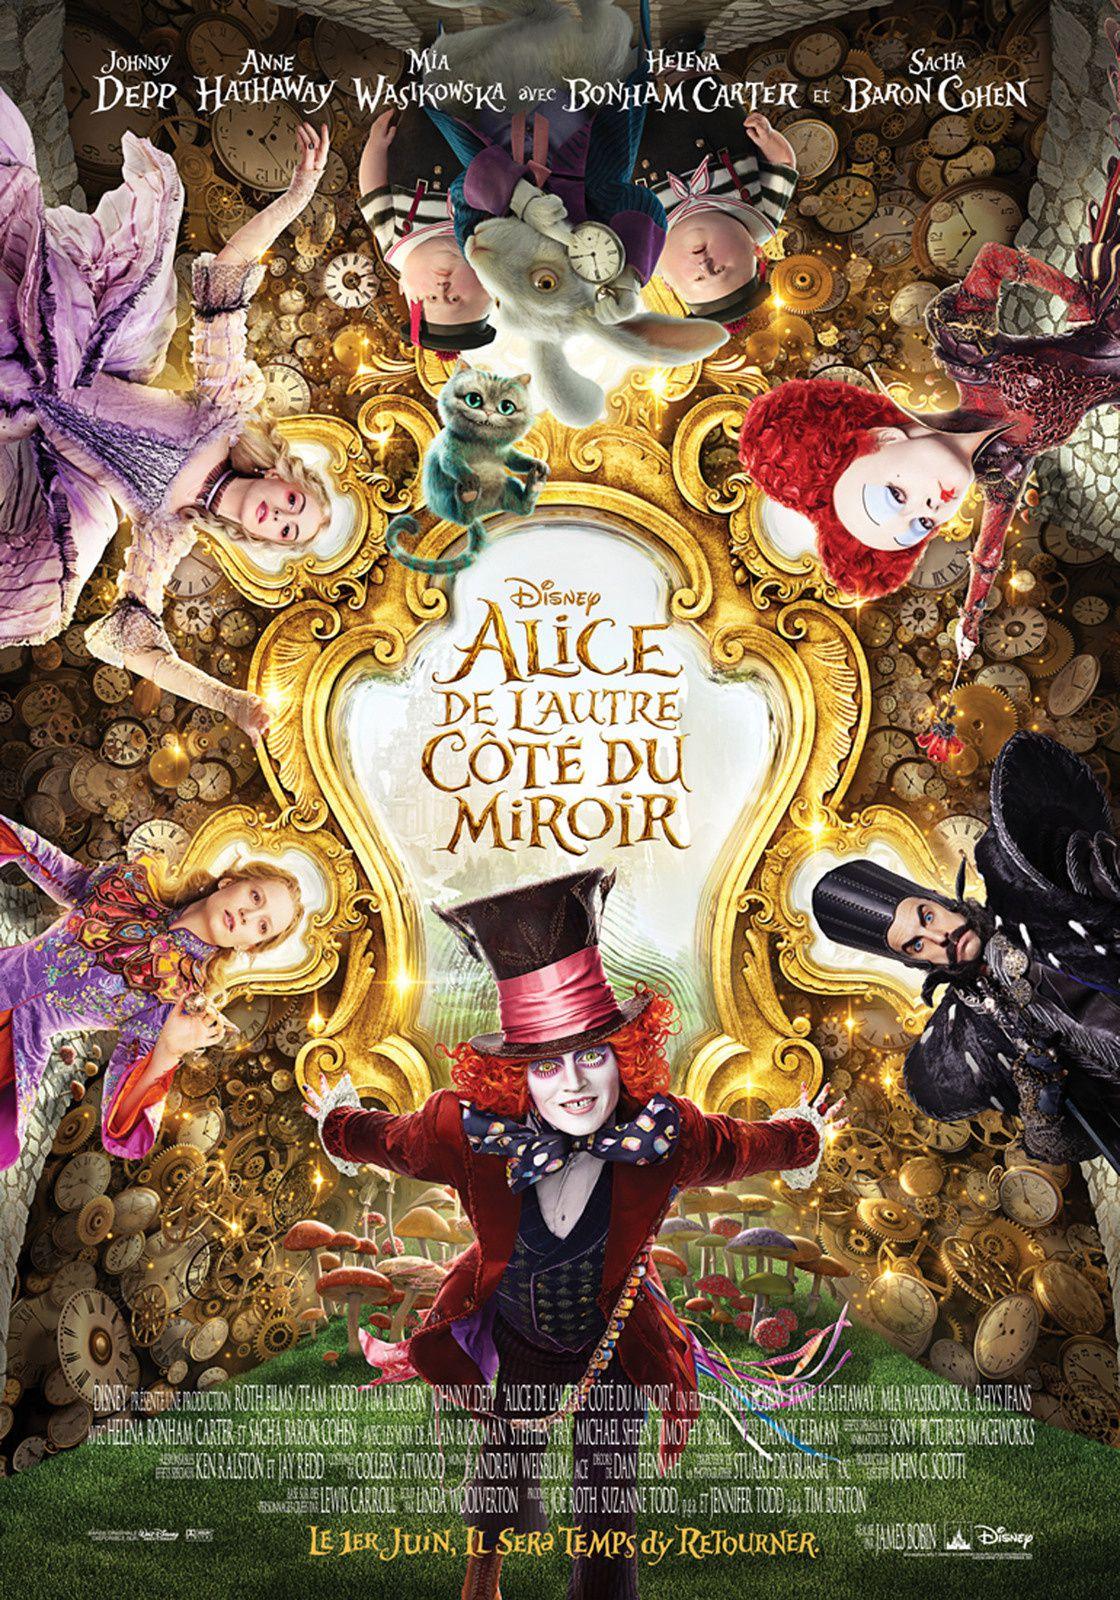 Alice de l'Autre Côté du Miroir (BANDE ANNONCE VF et VOST) avec Johnny Depp, Anne Hathaway, Mia Wasikowska - Au cinéma le 1er juin 2016 (Alice in Wonderland 2: Through the Looking Glass)